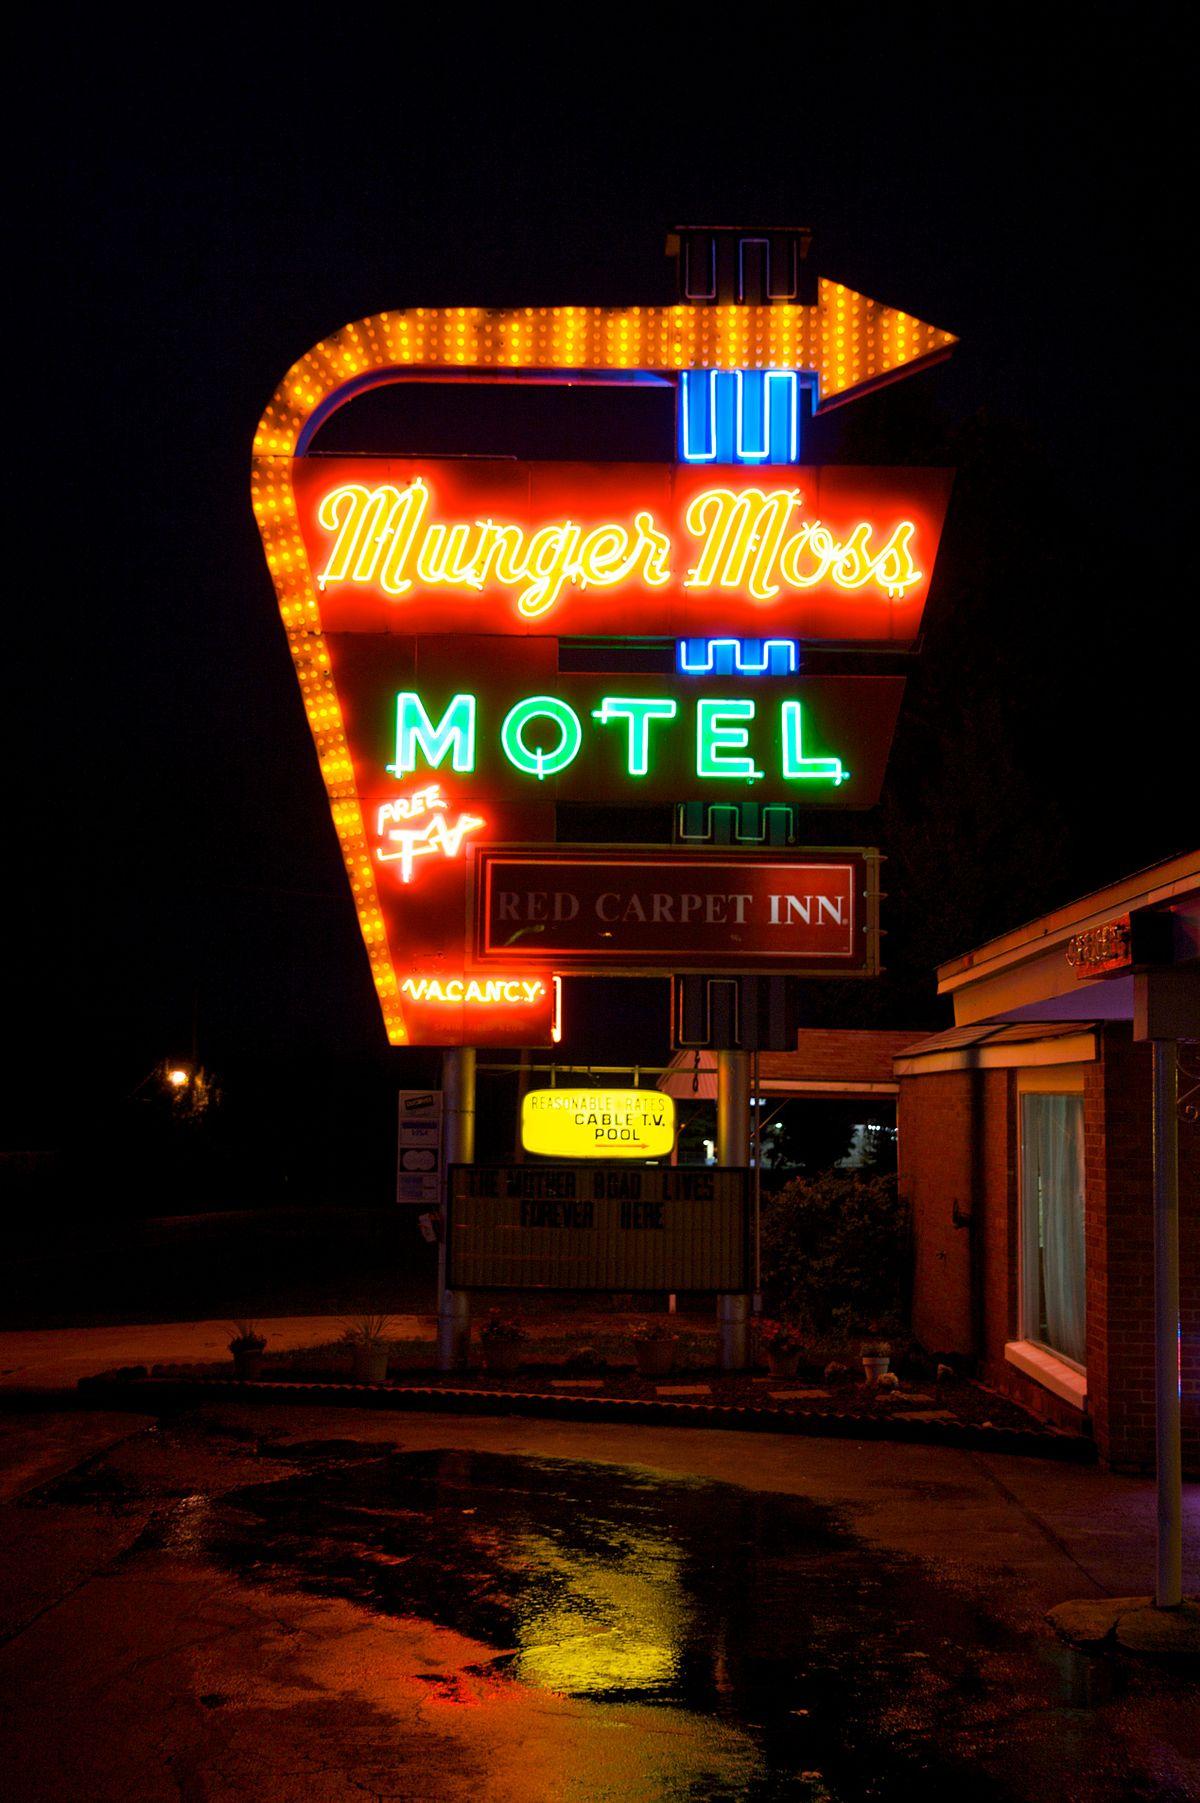 MungerMoss Motel  Wikipedia